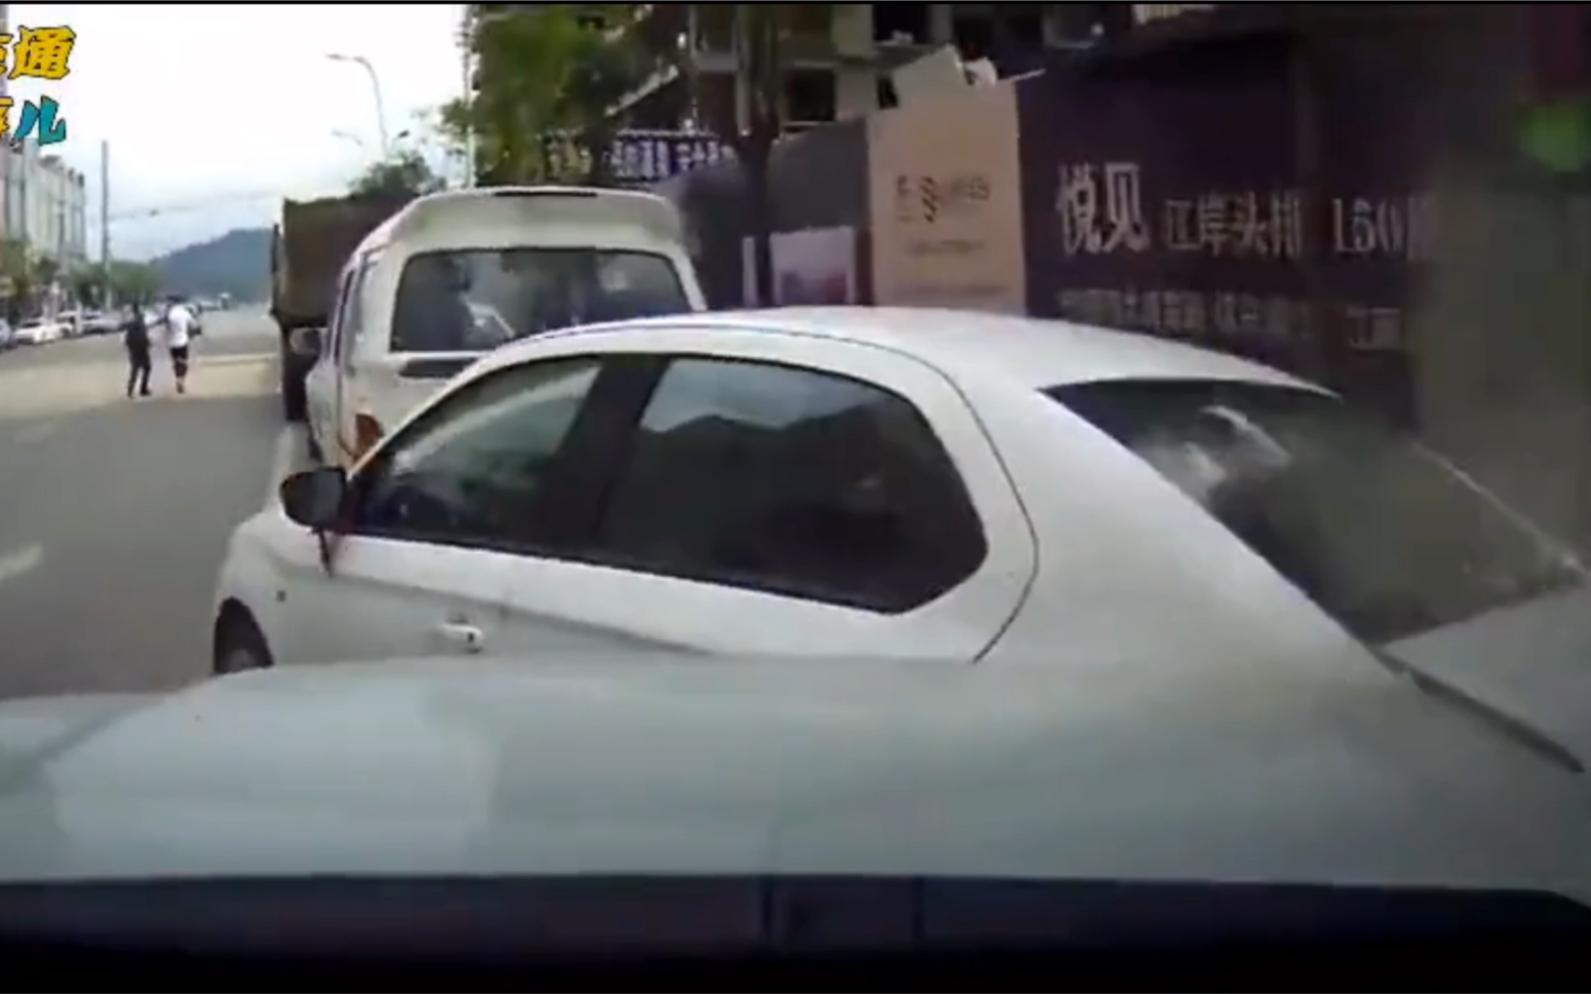 交通事故合集: 女司机美好的一天就这么被毁了